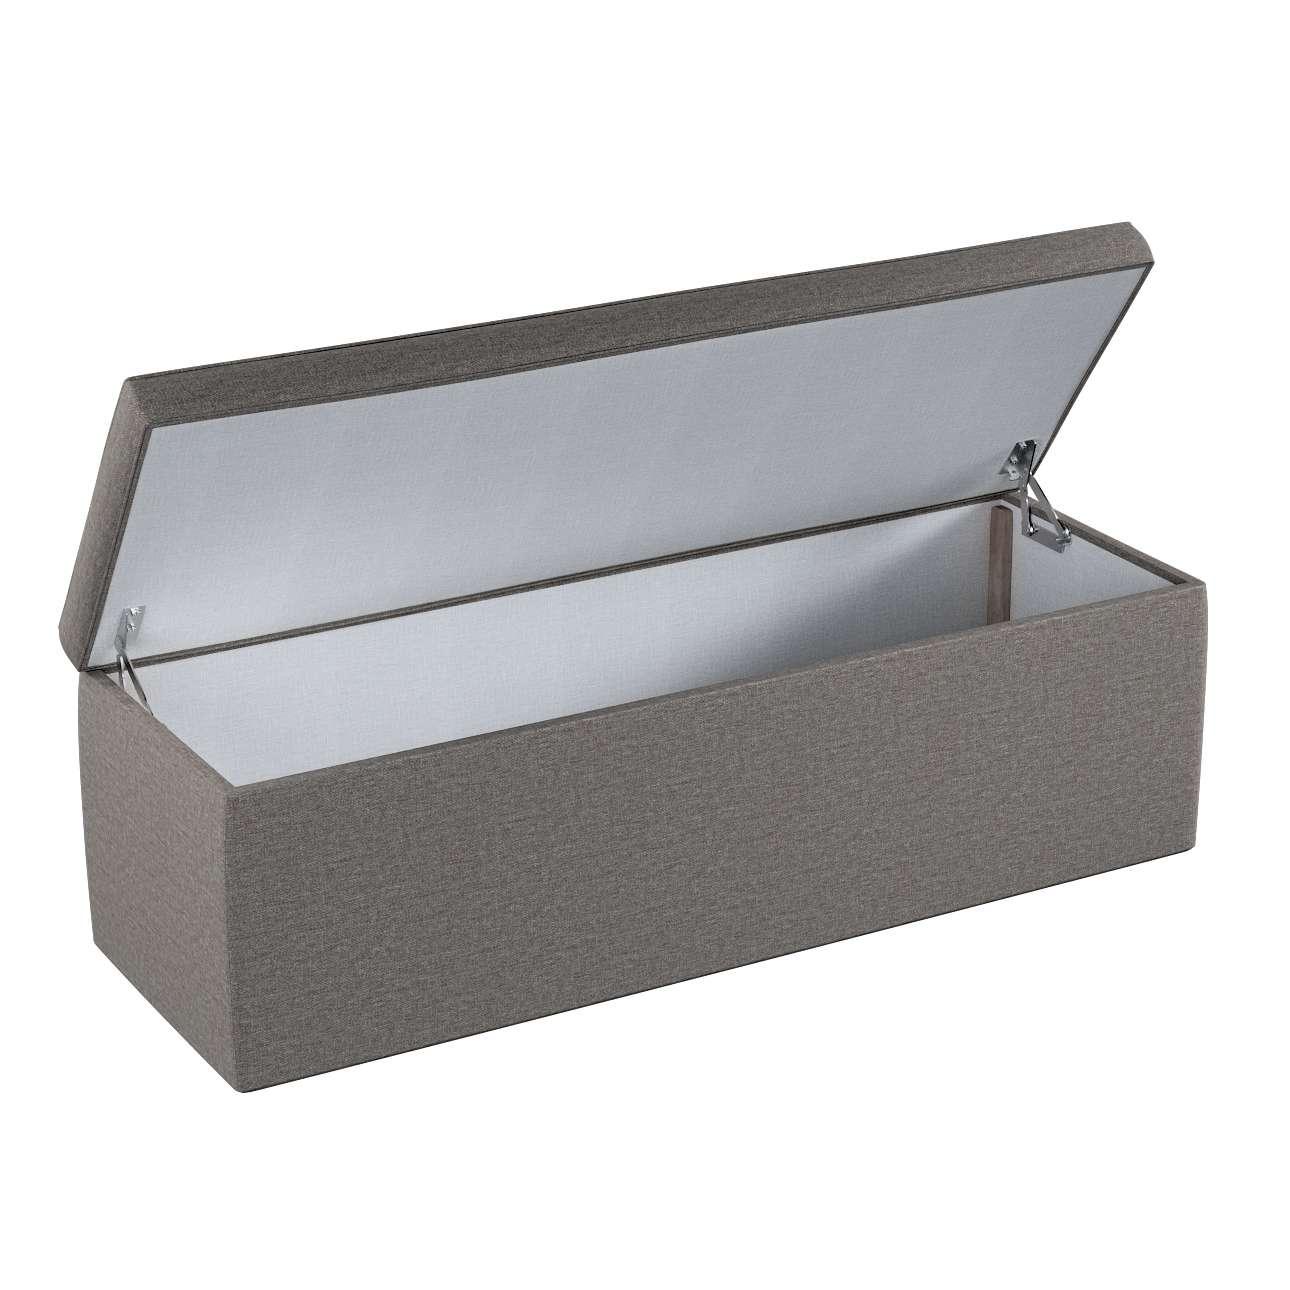 Čalouněná skříň s volbou látky - 2 velikosti v kolekci Edinburgh, látka: 115-77